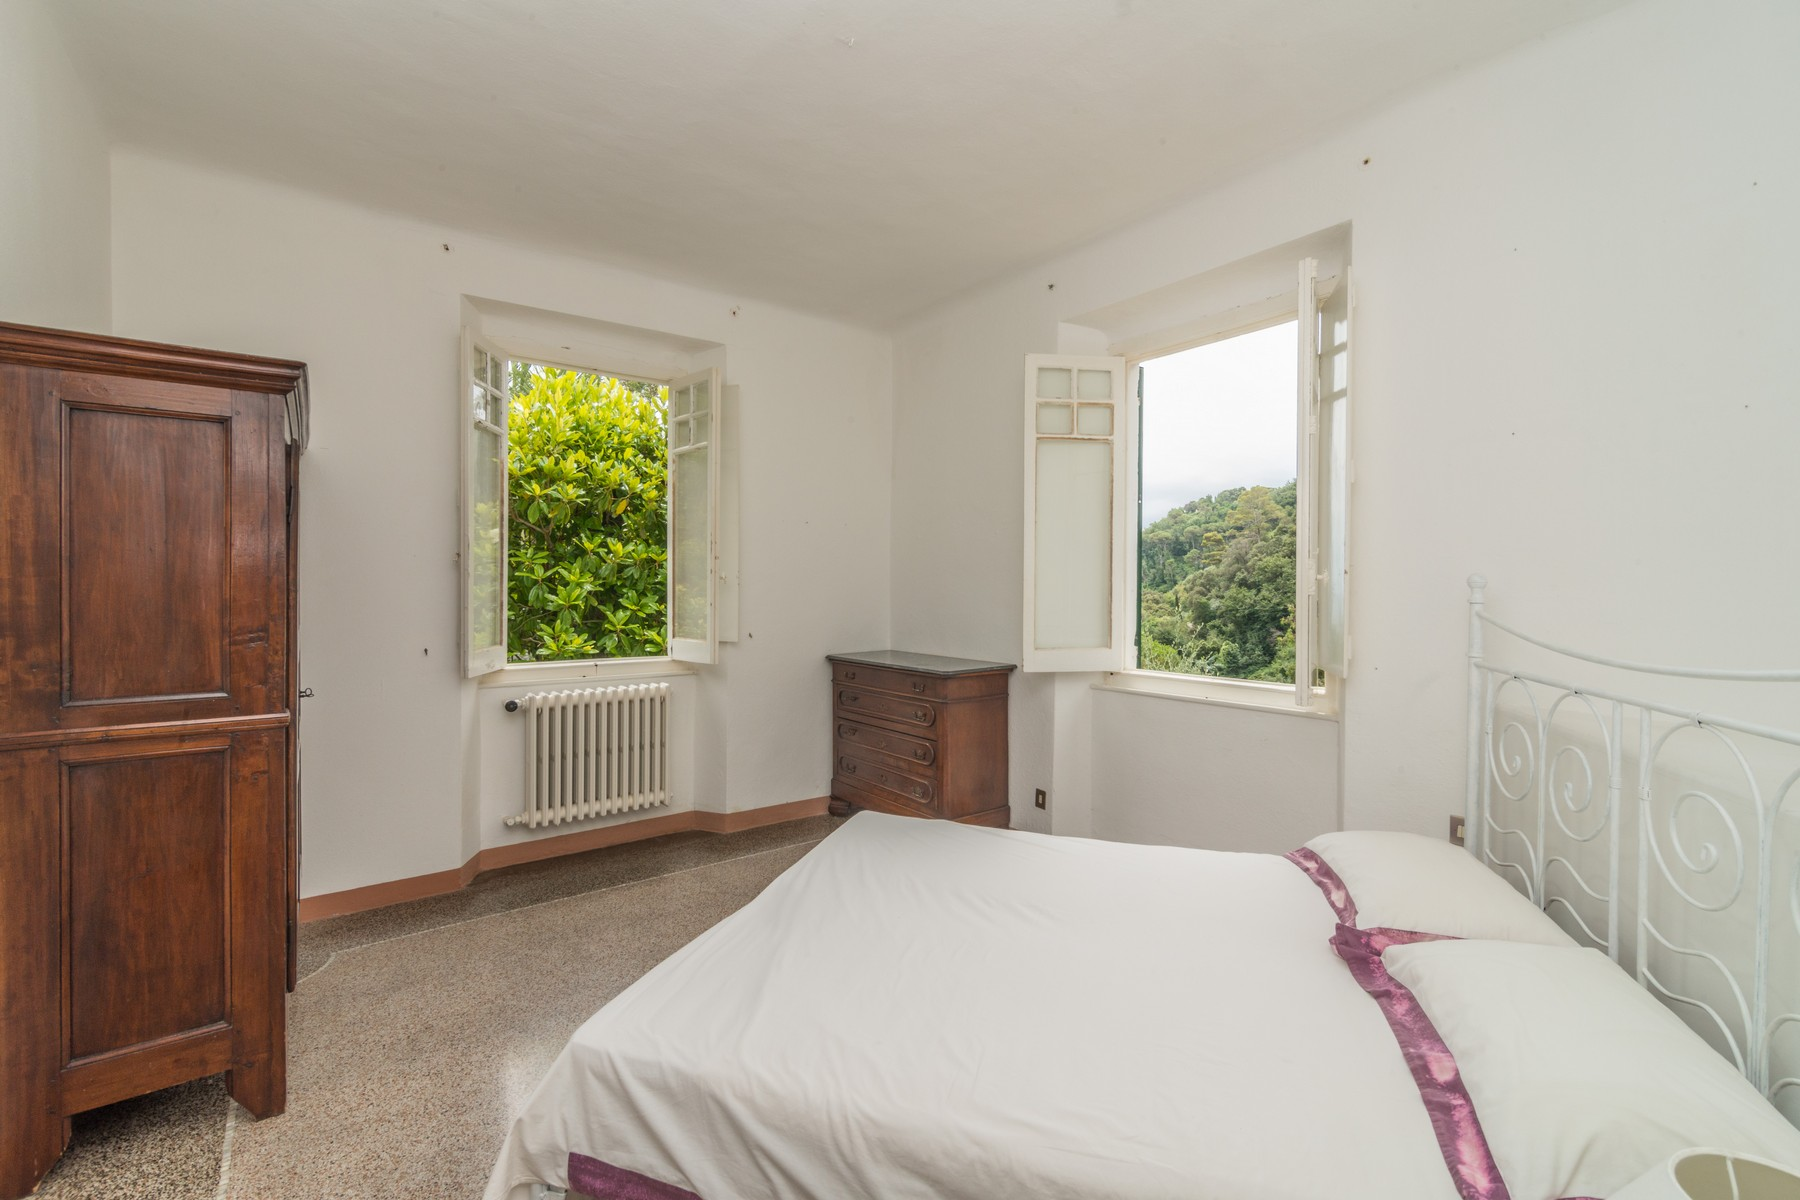 Appartamento in Vendita a Santa Margherita Ligure: 5 locali, 230 mq - Foto 12